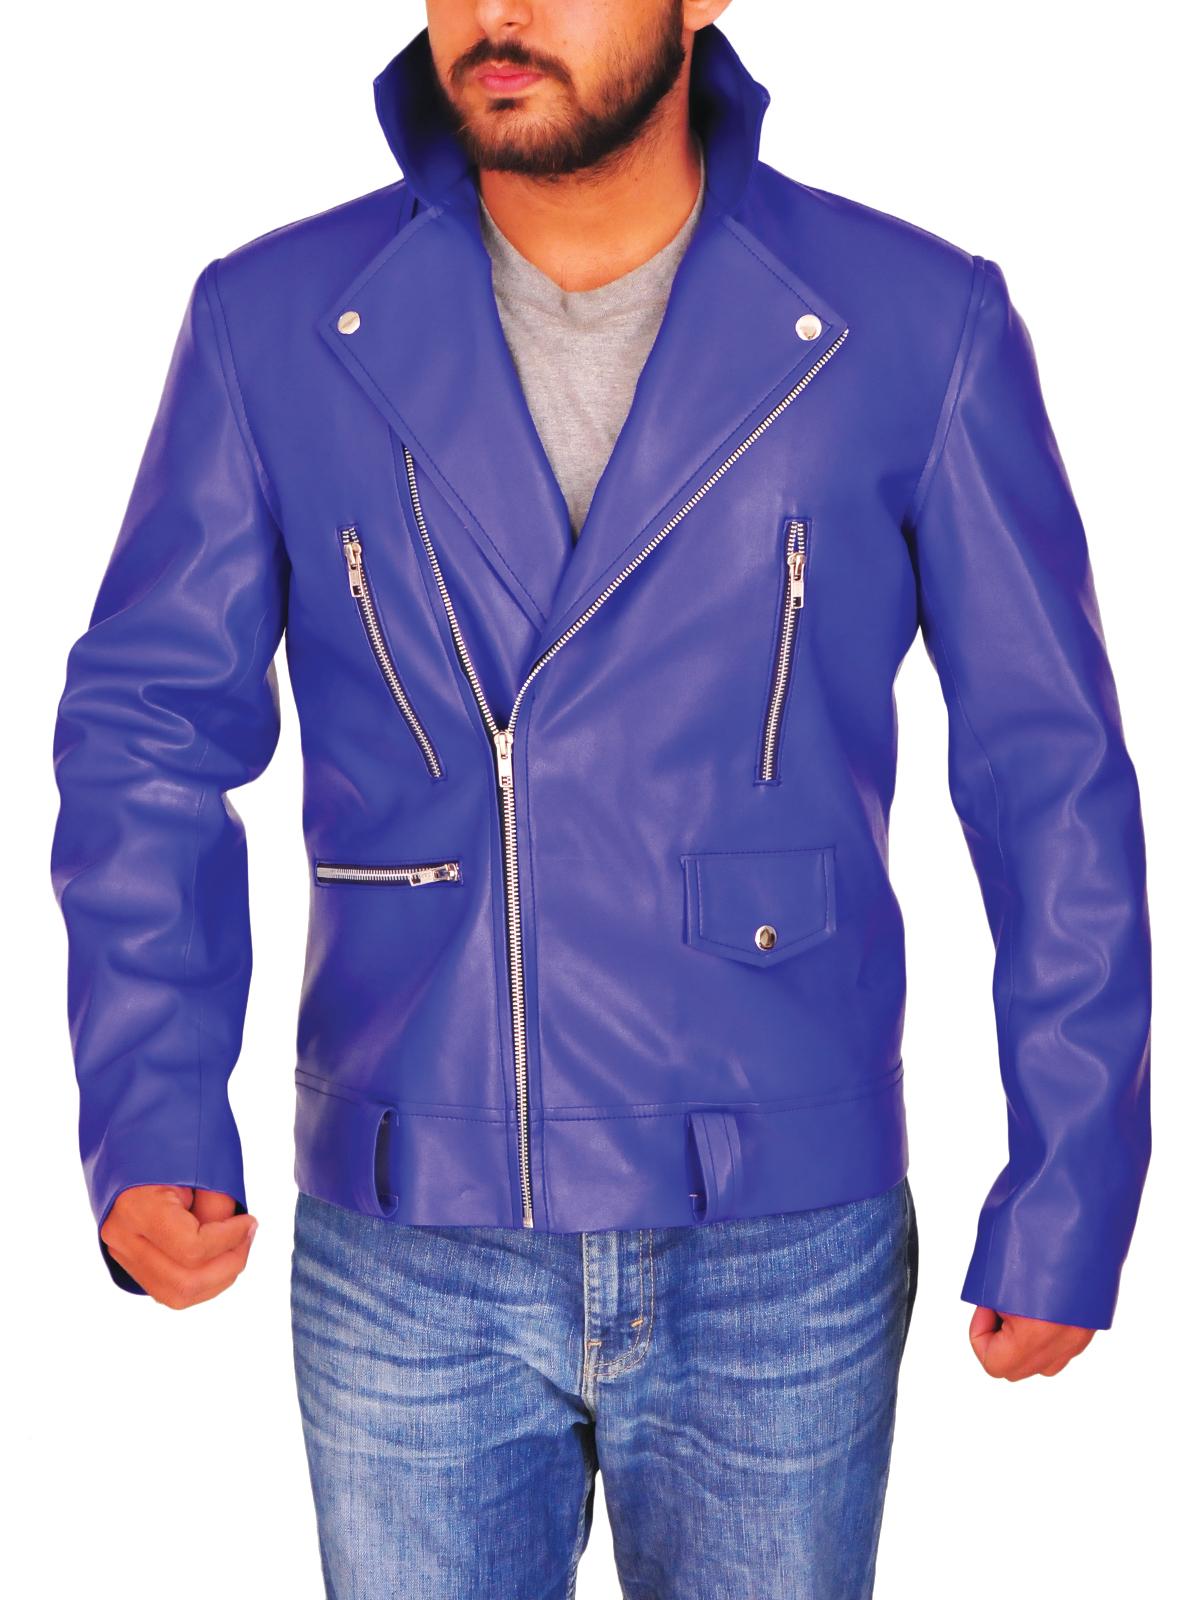 WWE Finn Balor Faux Blue Leather Jacket